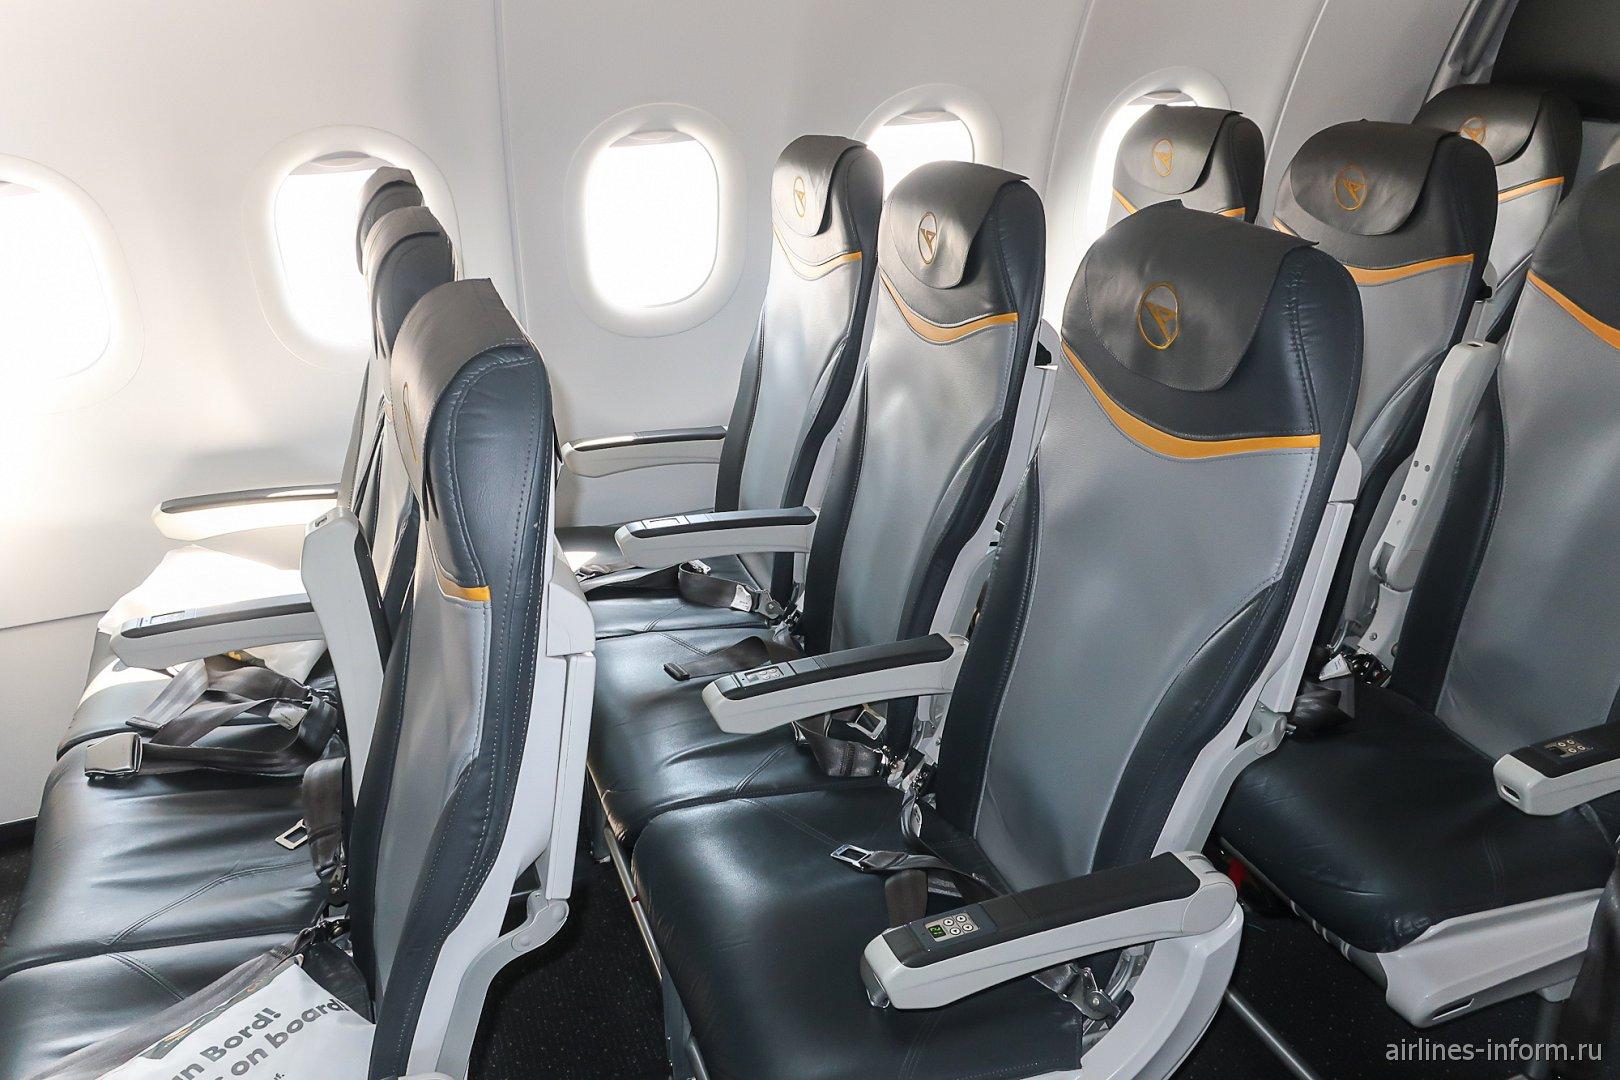 Пассажирские кресла в самолете Airbus A321 немецкой авиакомпании Condor